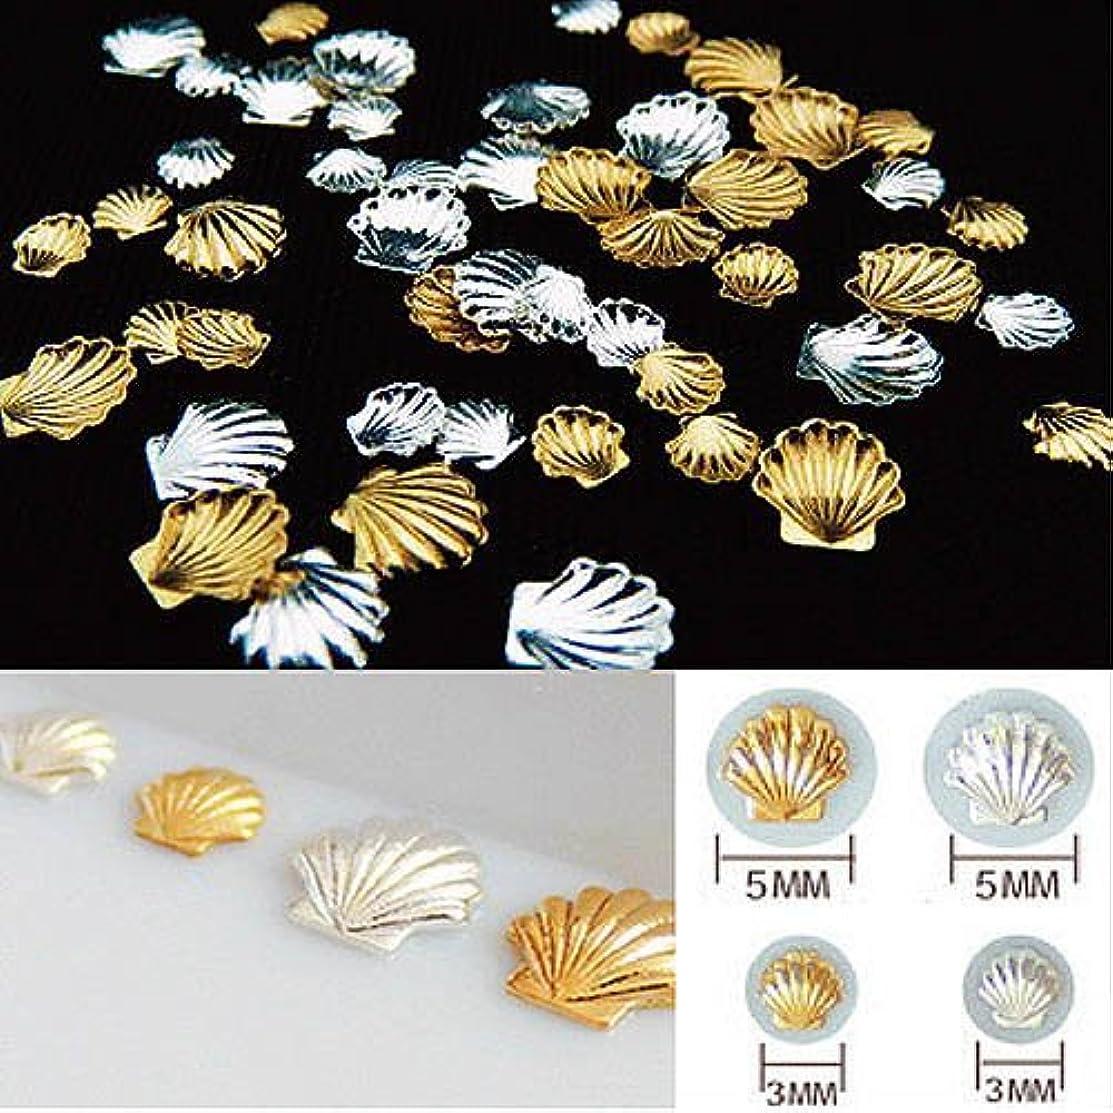 聞きますプラスチックカール貝殻モチーフ マリン パーツ チャーム 金属パーツ メタルシェル 48個(ゴールド&シルバー、3mm&5mm 各12個)セット